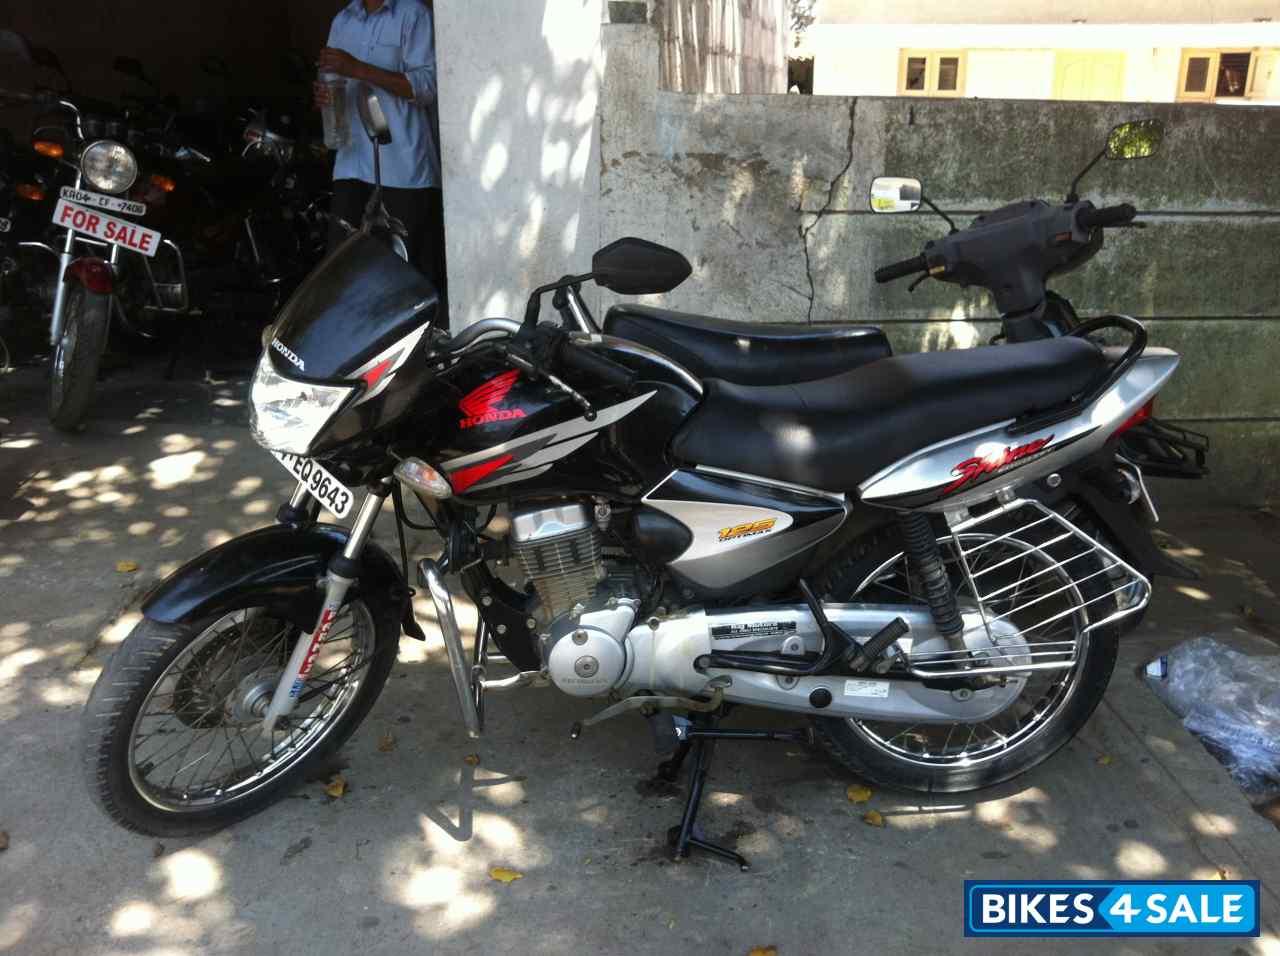 shine bike price